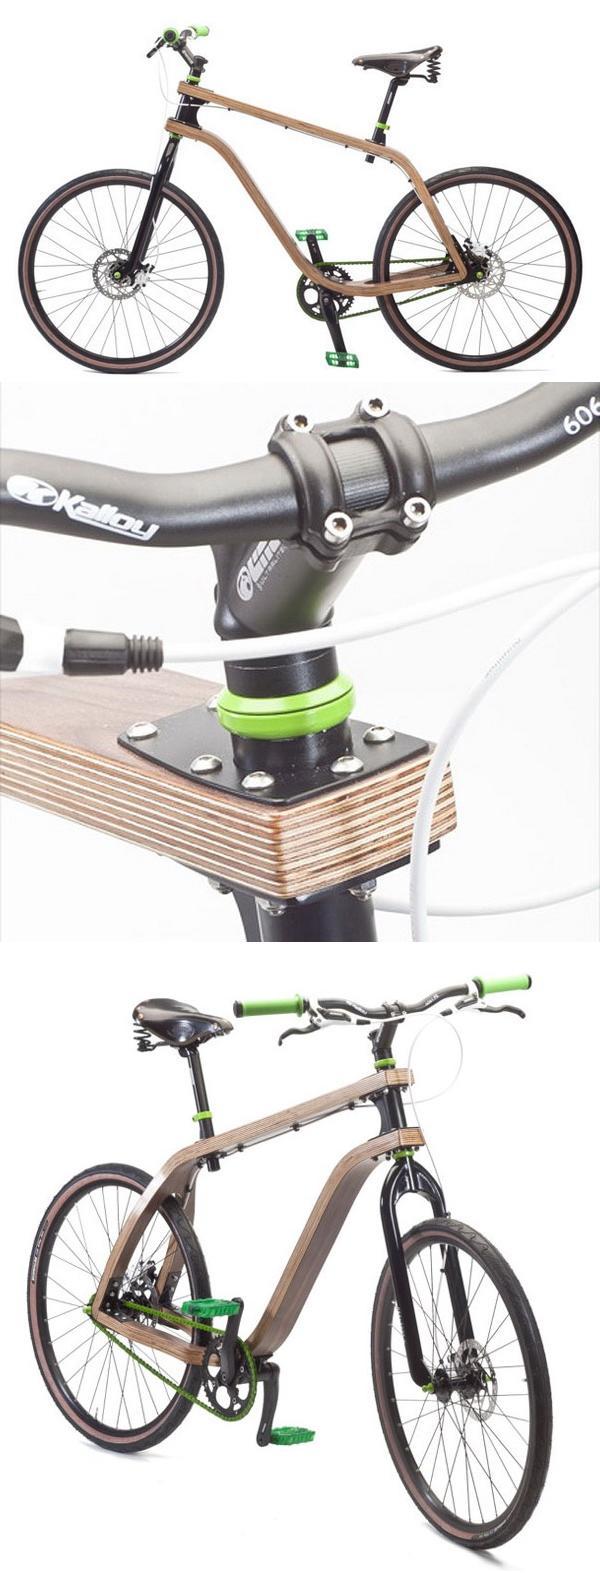 Велосипед из фанеры «Bonobo»